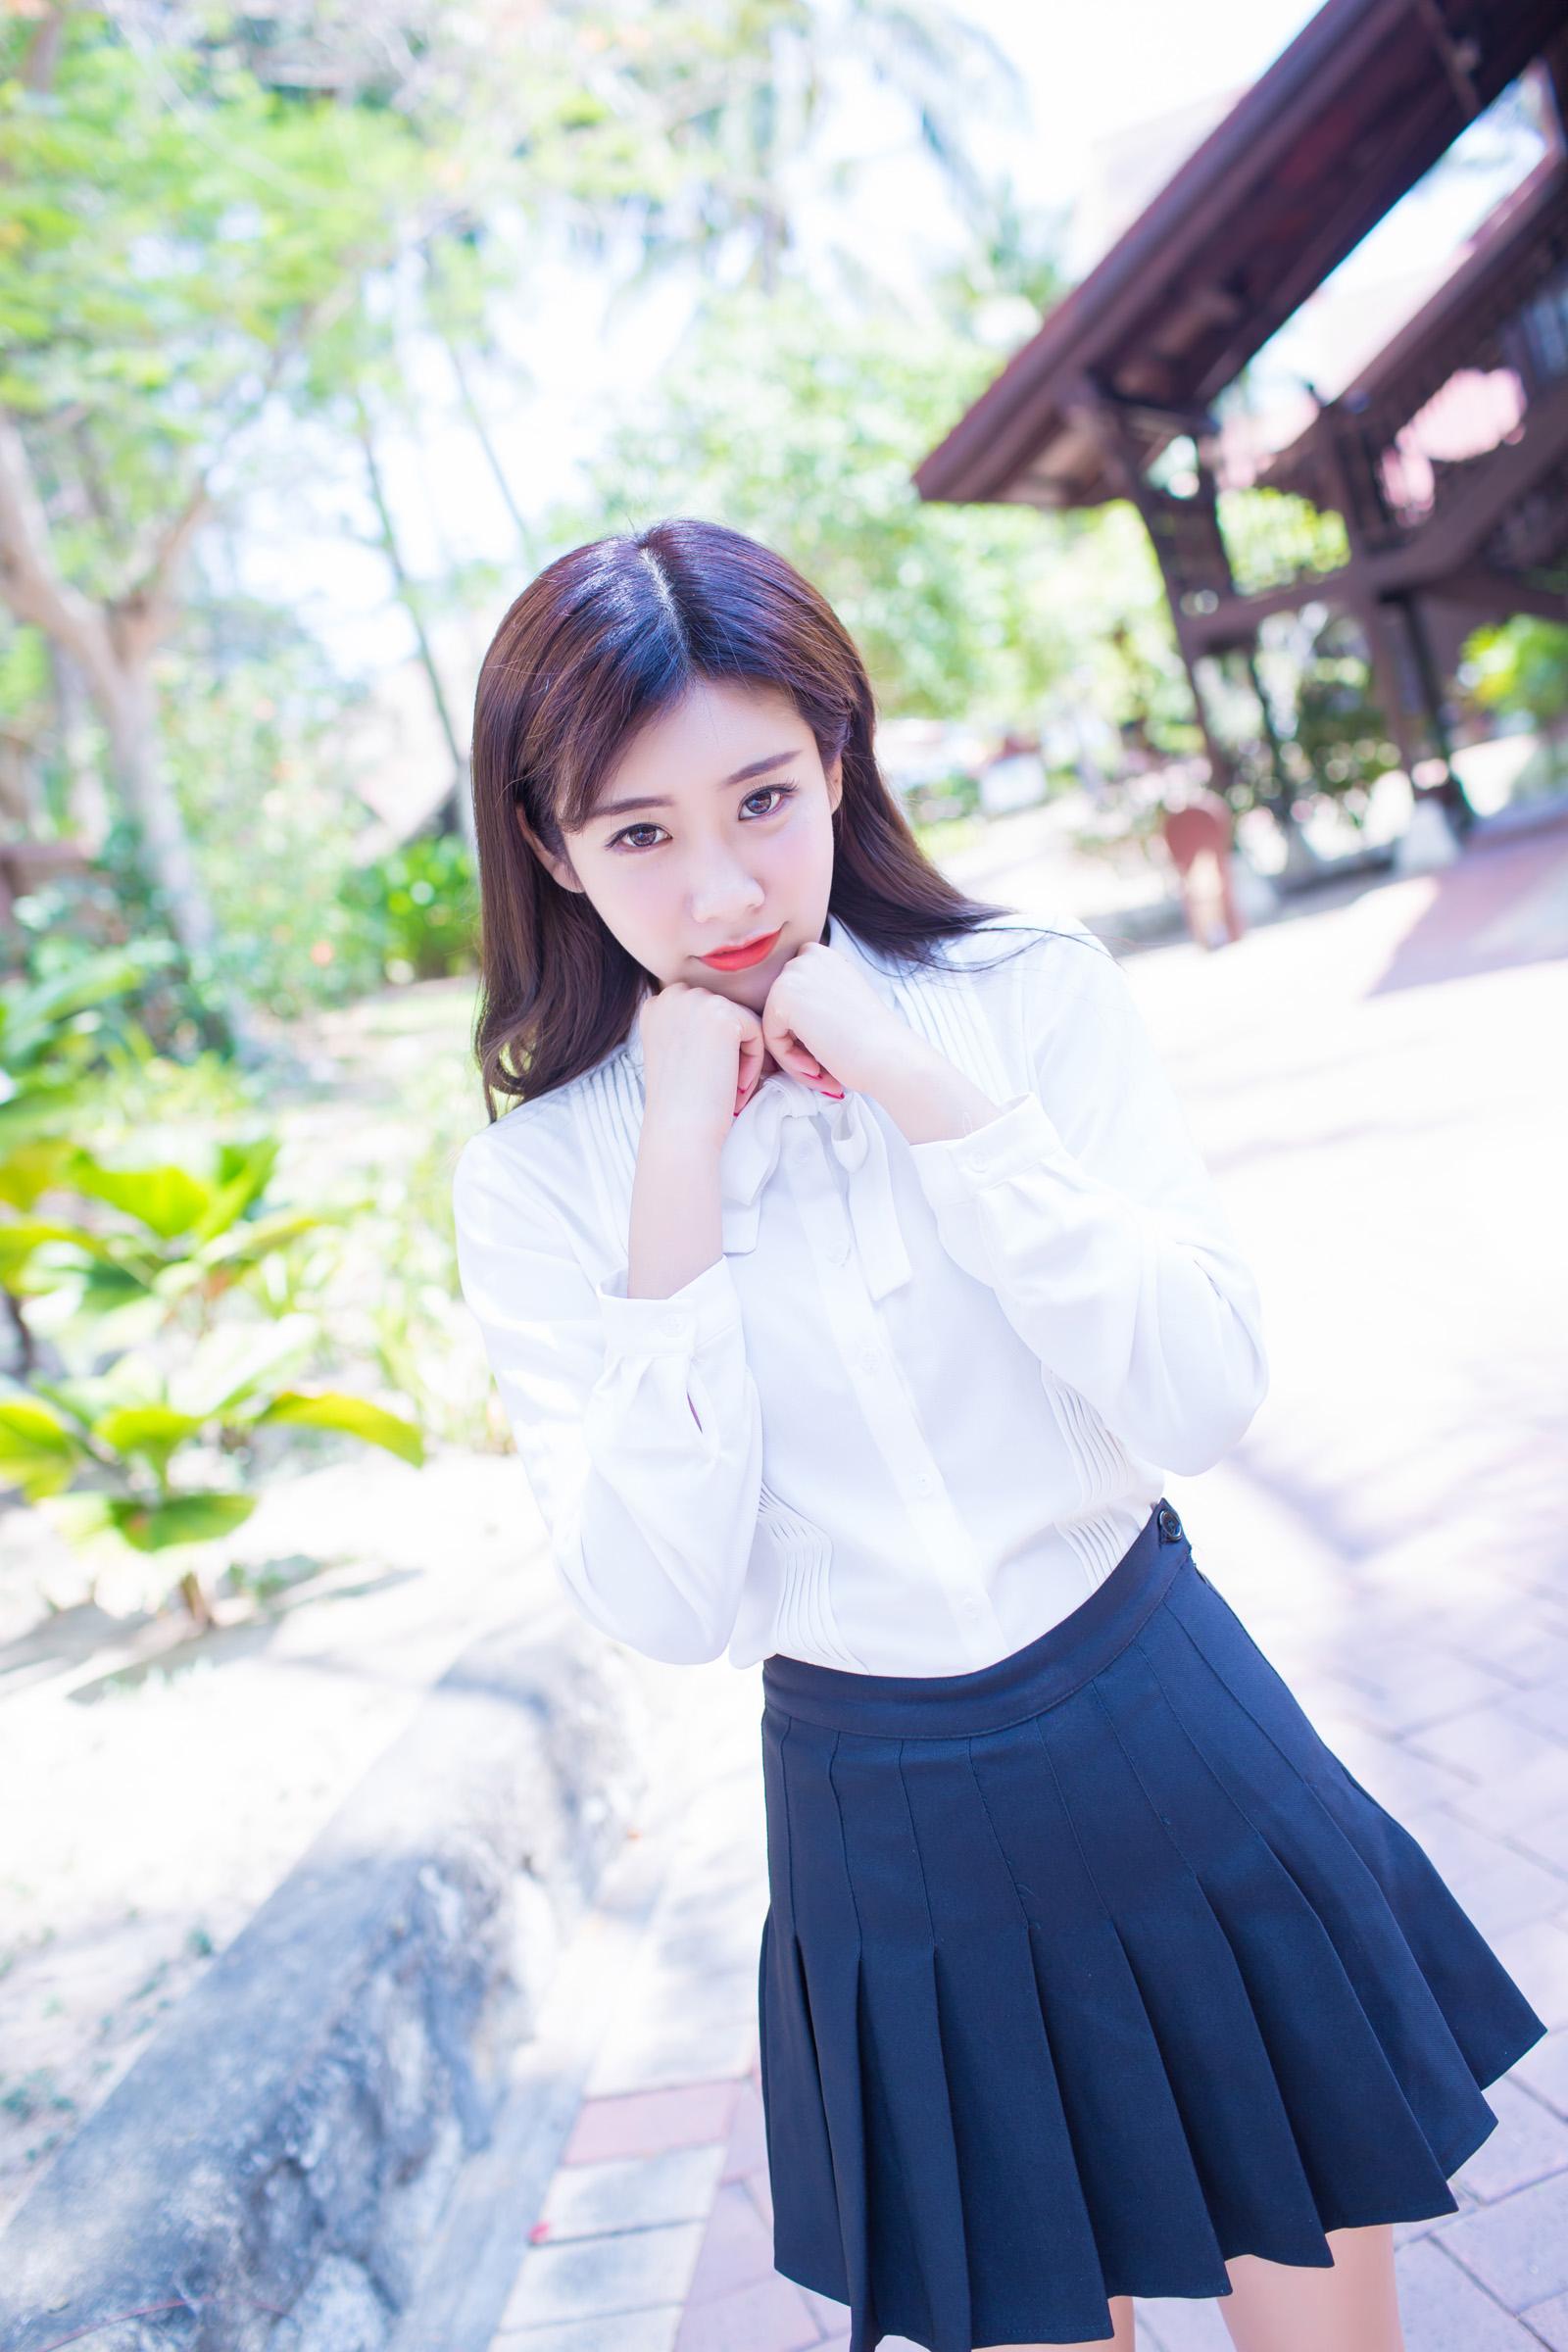 小色哥美女av电影_模特—程小烦[13P]/直播妹妹博客